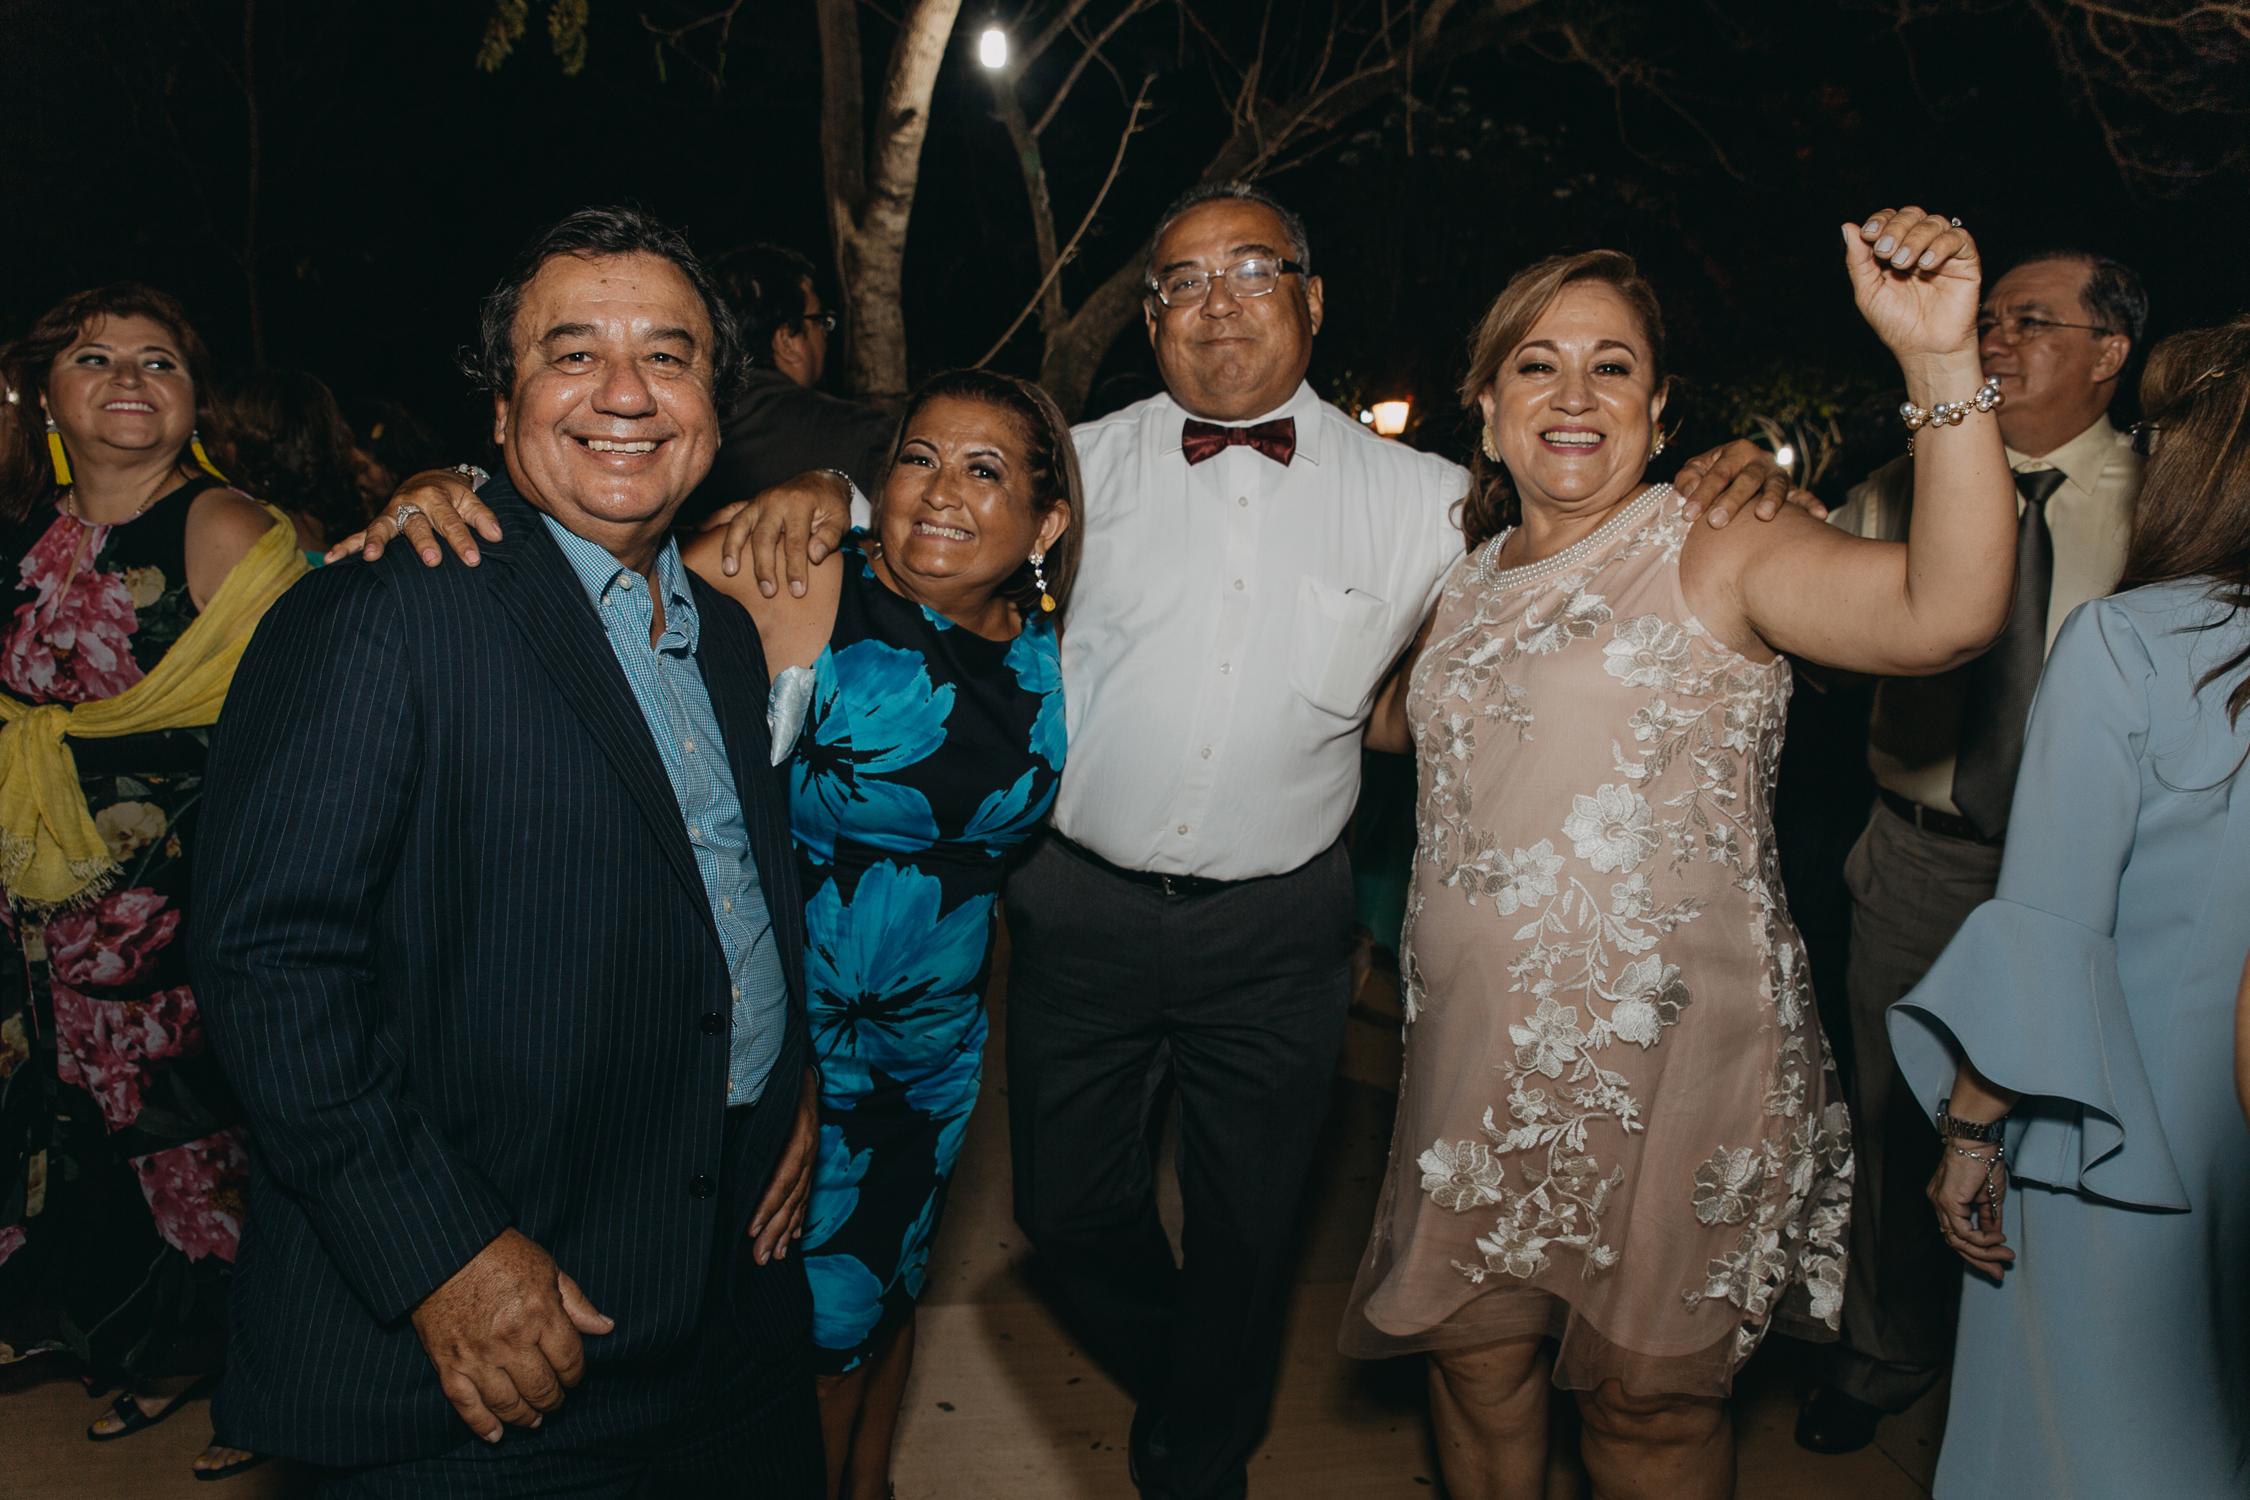 Michelle-Agurto-Fotografia-Bodas-Ecuador-Destination-Wedding-Photographer-Cristi-Luis-134.JPG